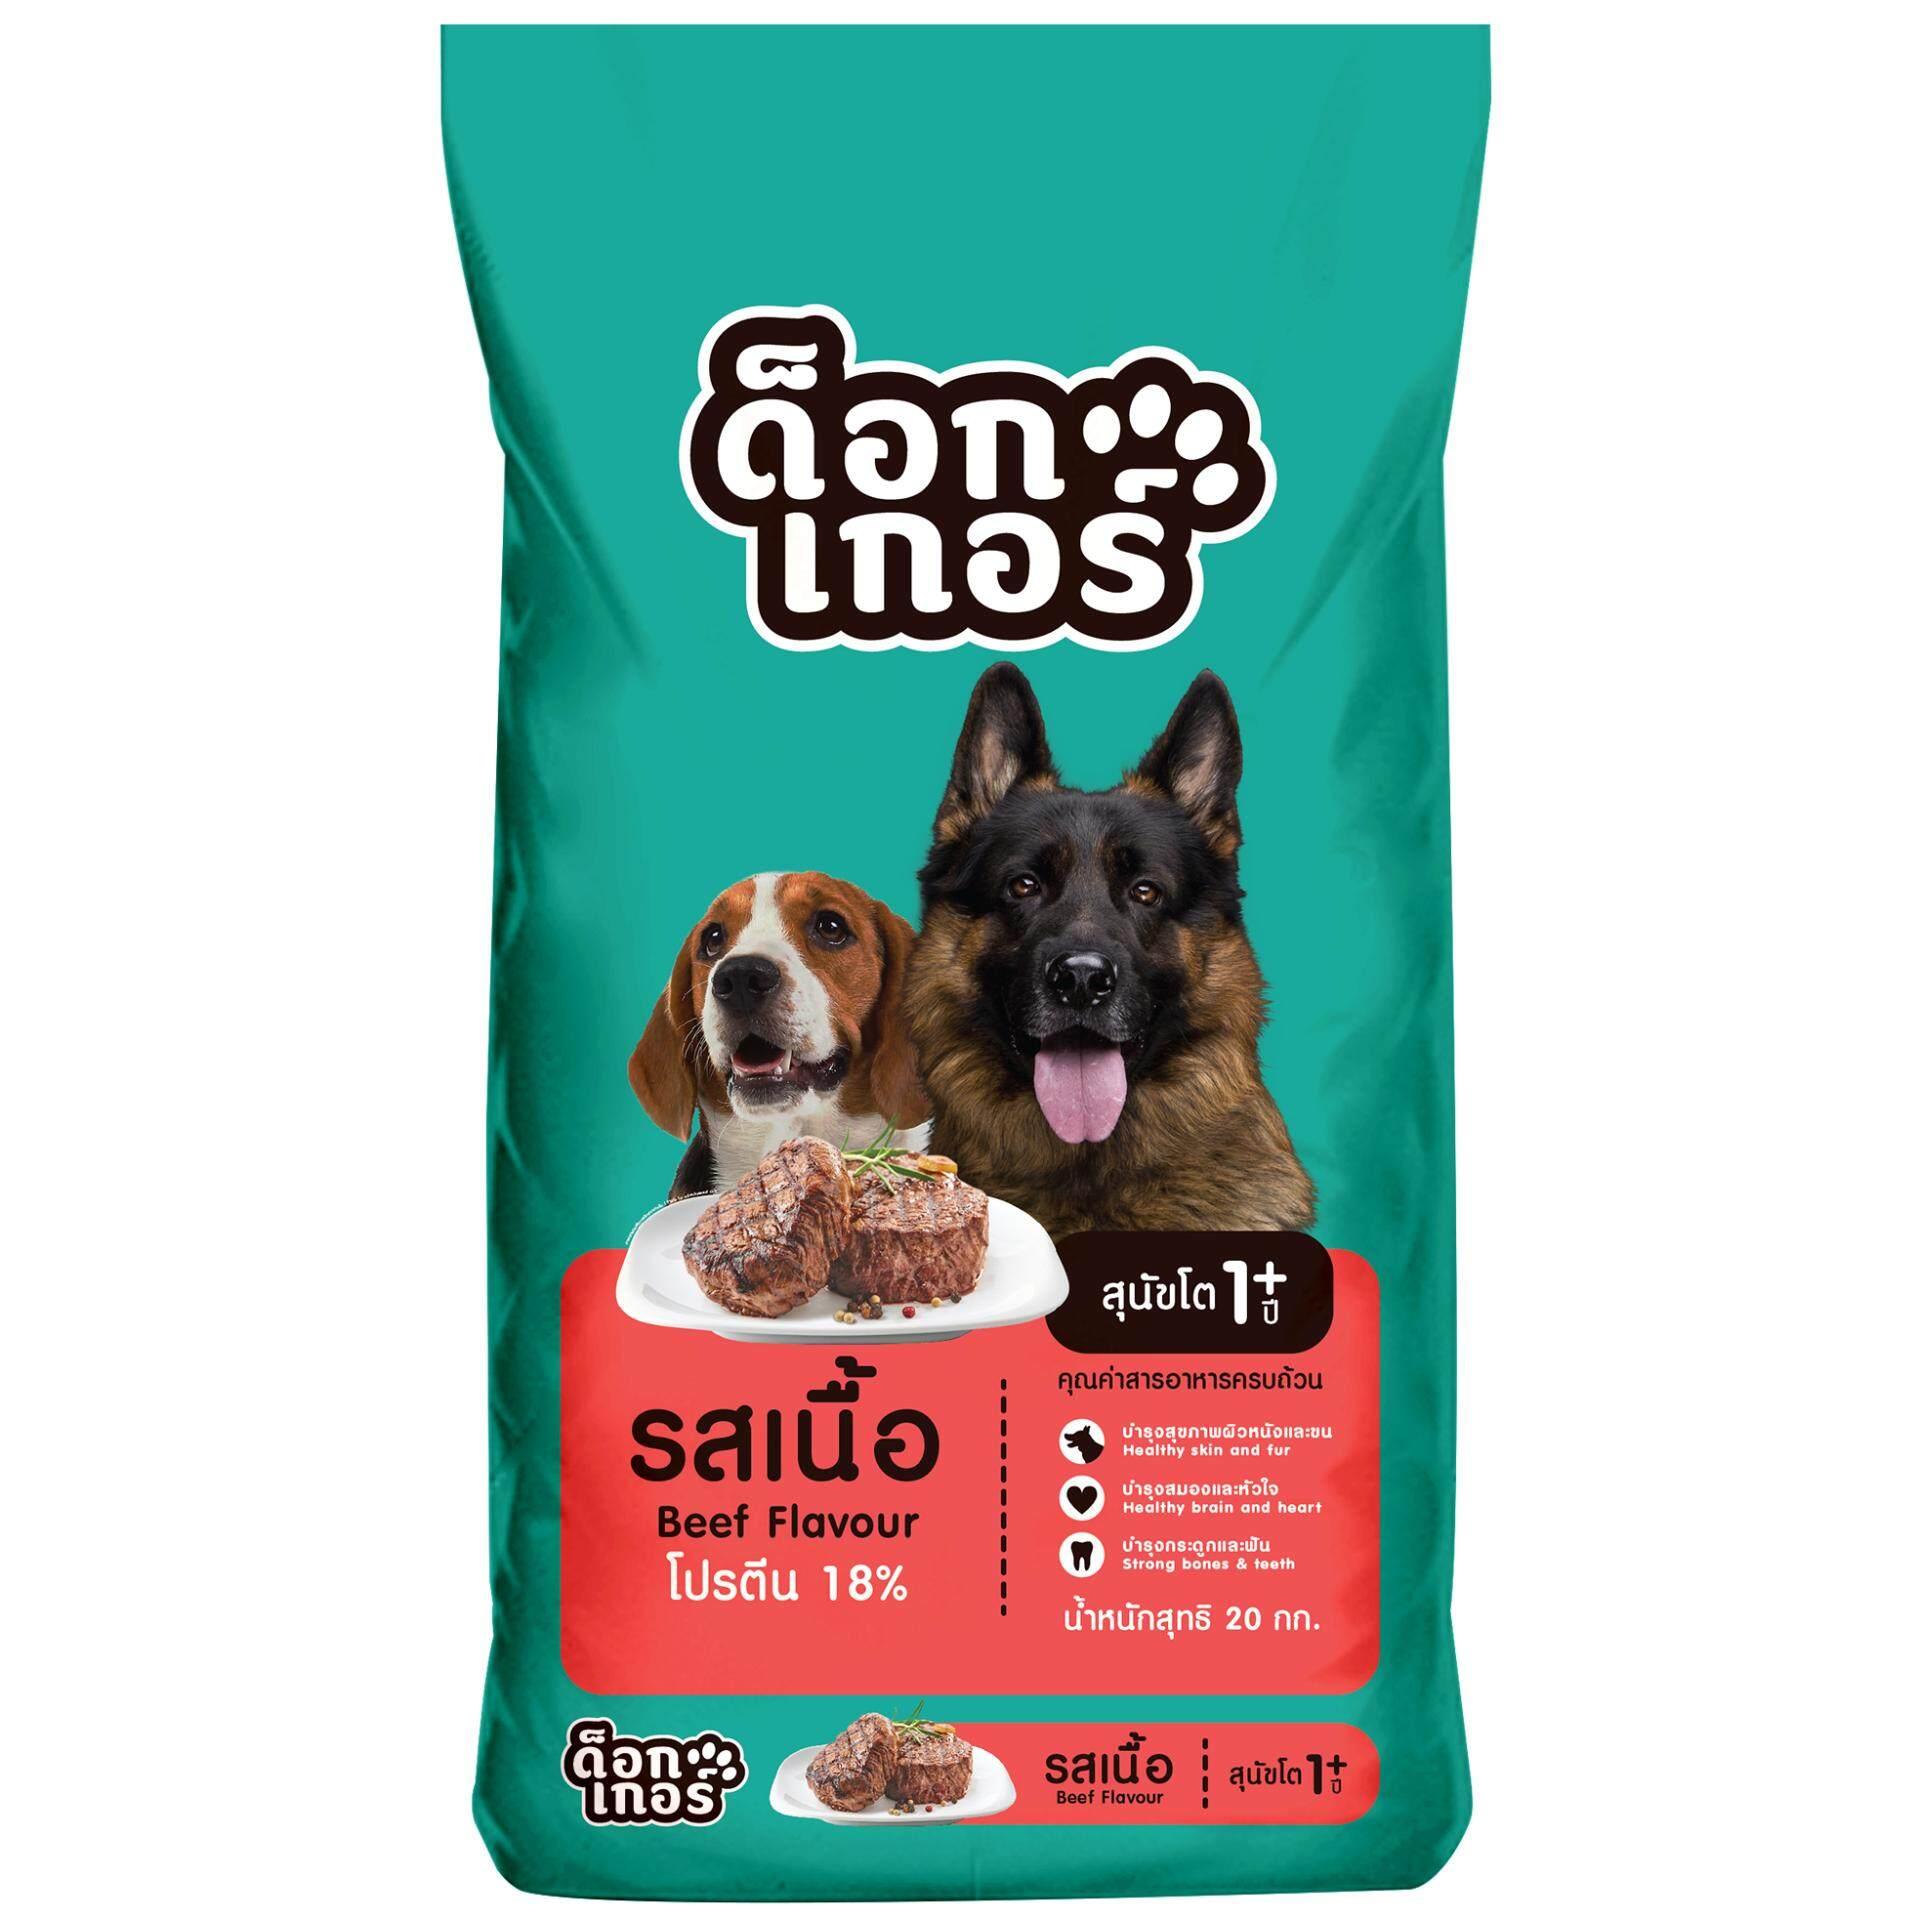 ด็อกเกอร์ รสเนื้อ 20 Kg อาหารเม็ดสำหรับสุนัขอายุ 1 ปีขึ้นไป.